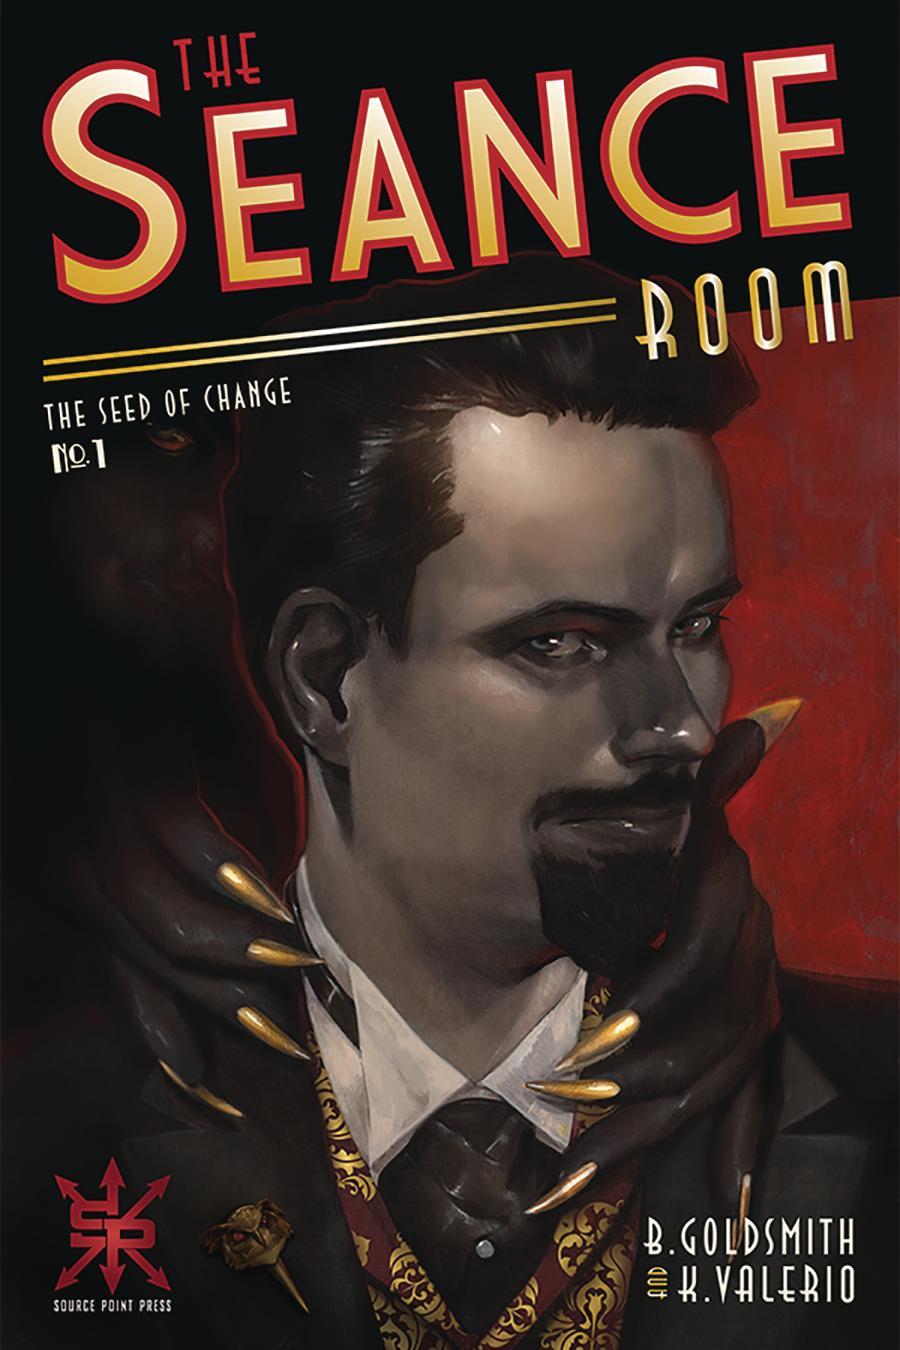 Seance Room #1